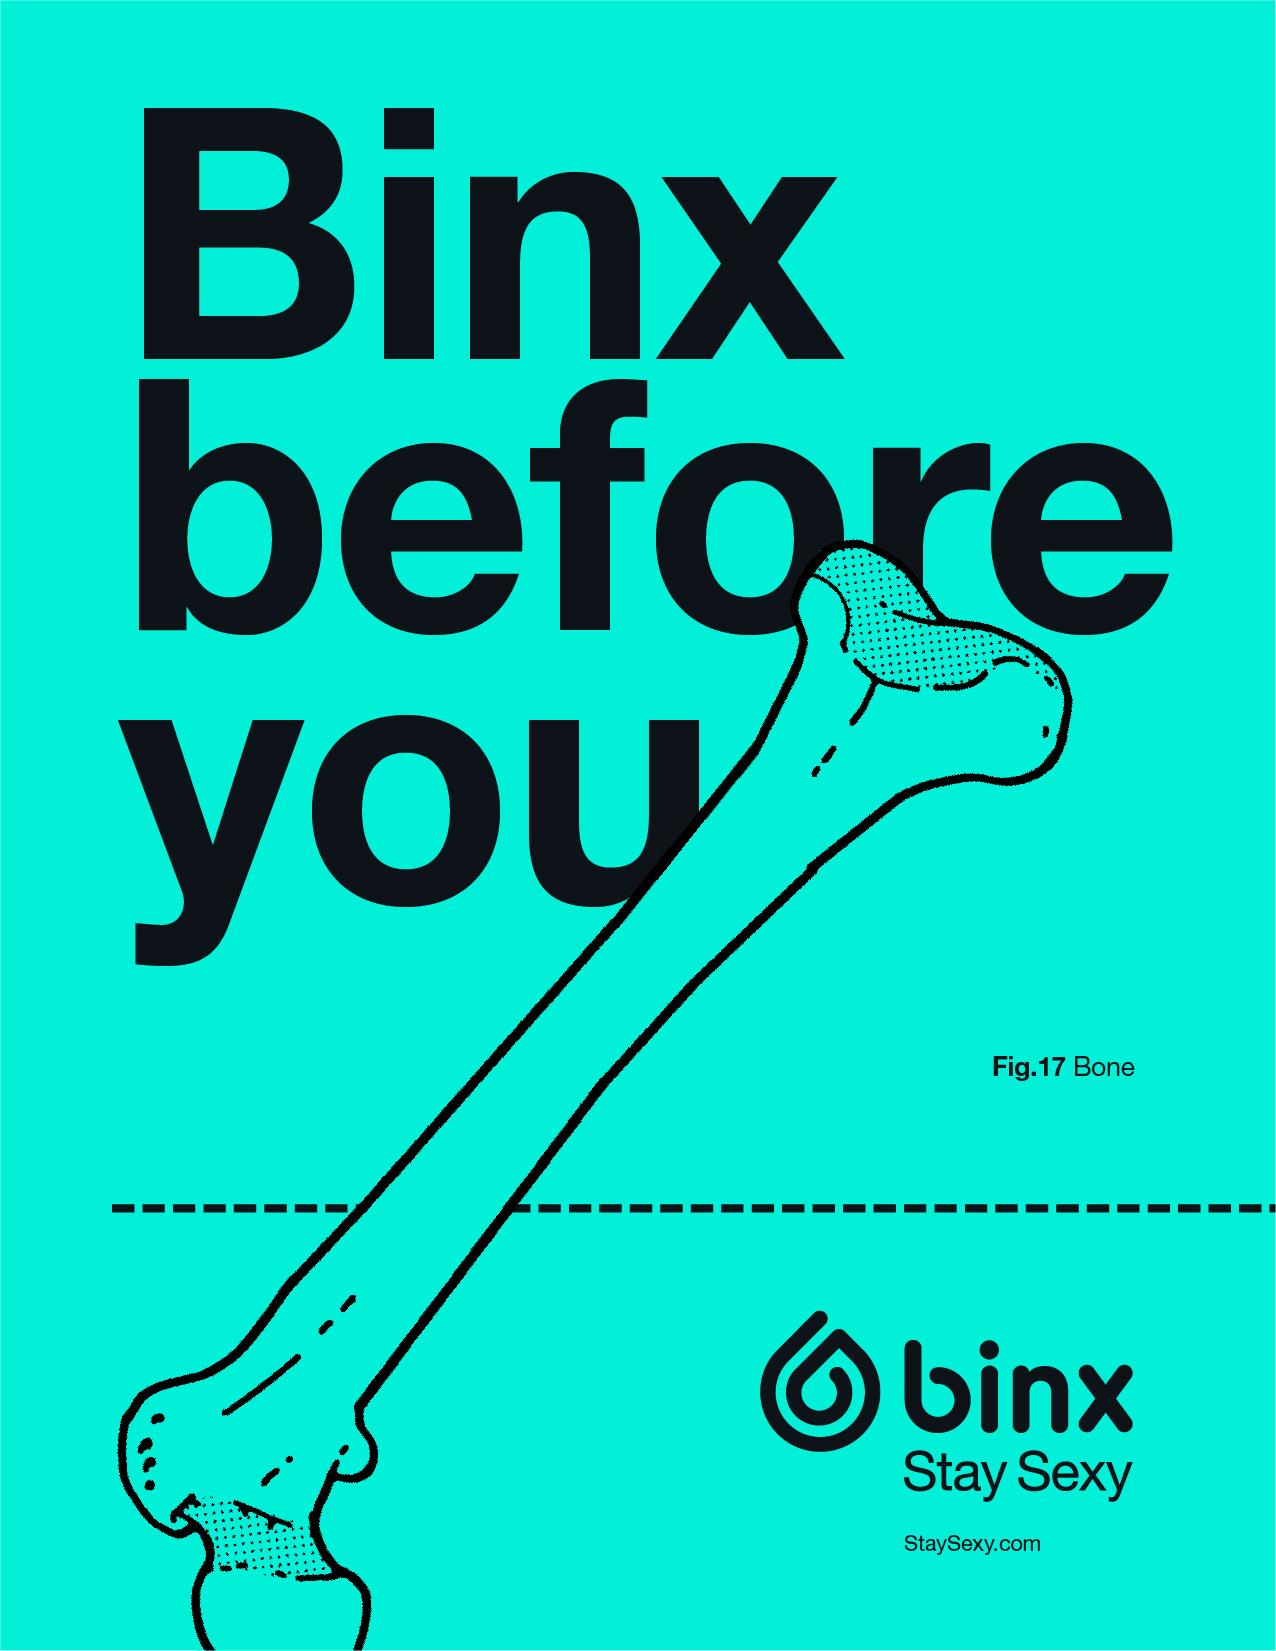 binx_flyers_6.jpg